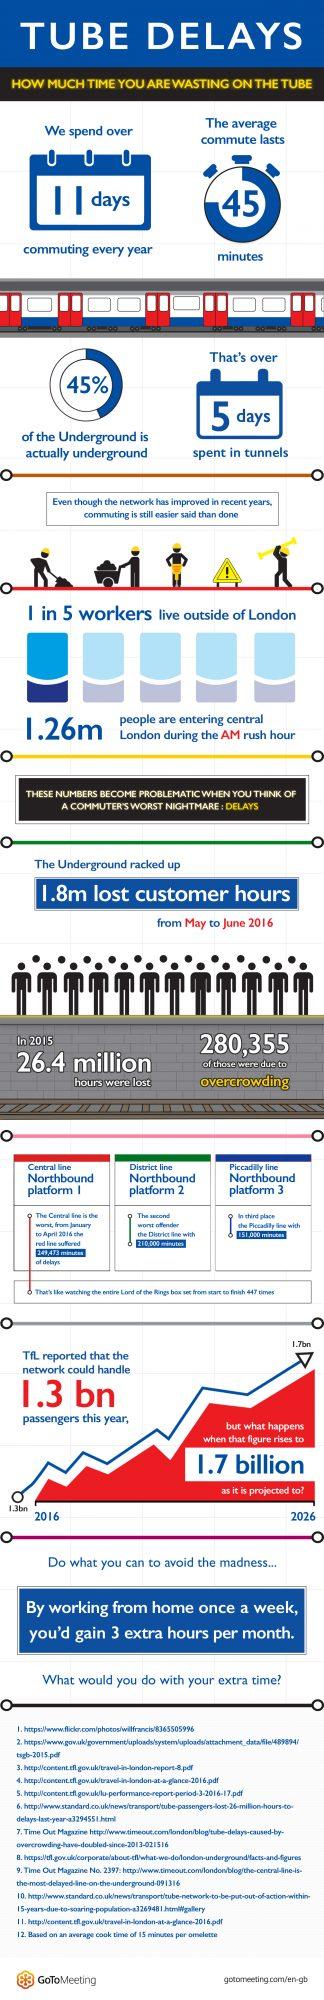 Citrix tube delays - Infographic